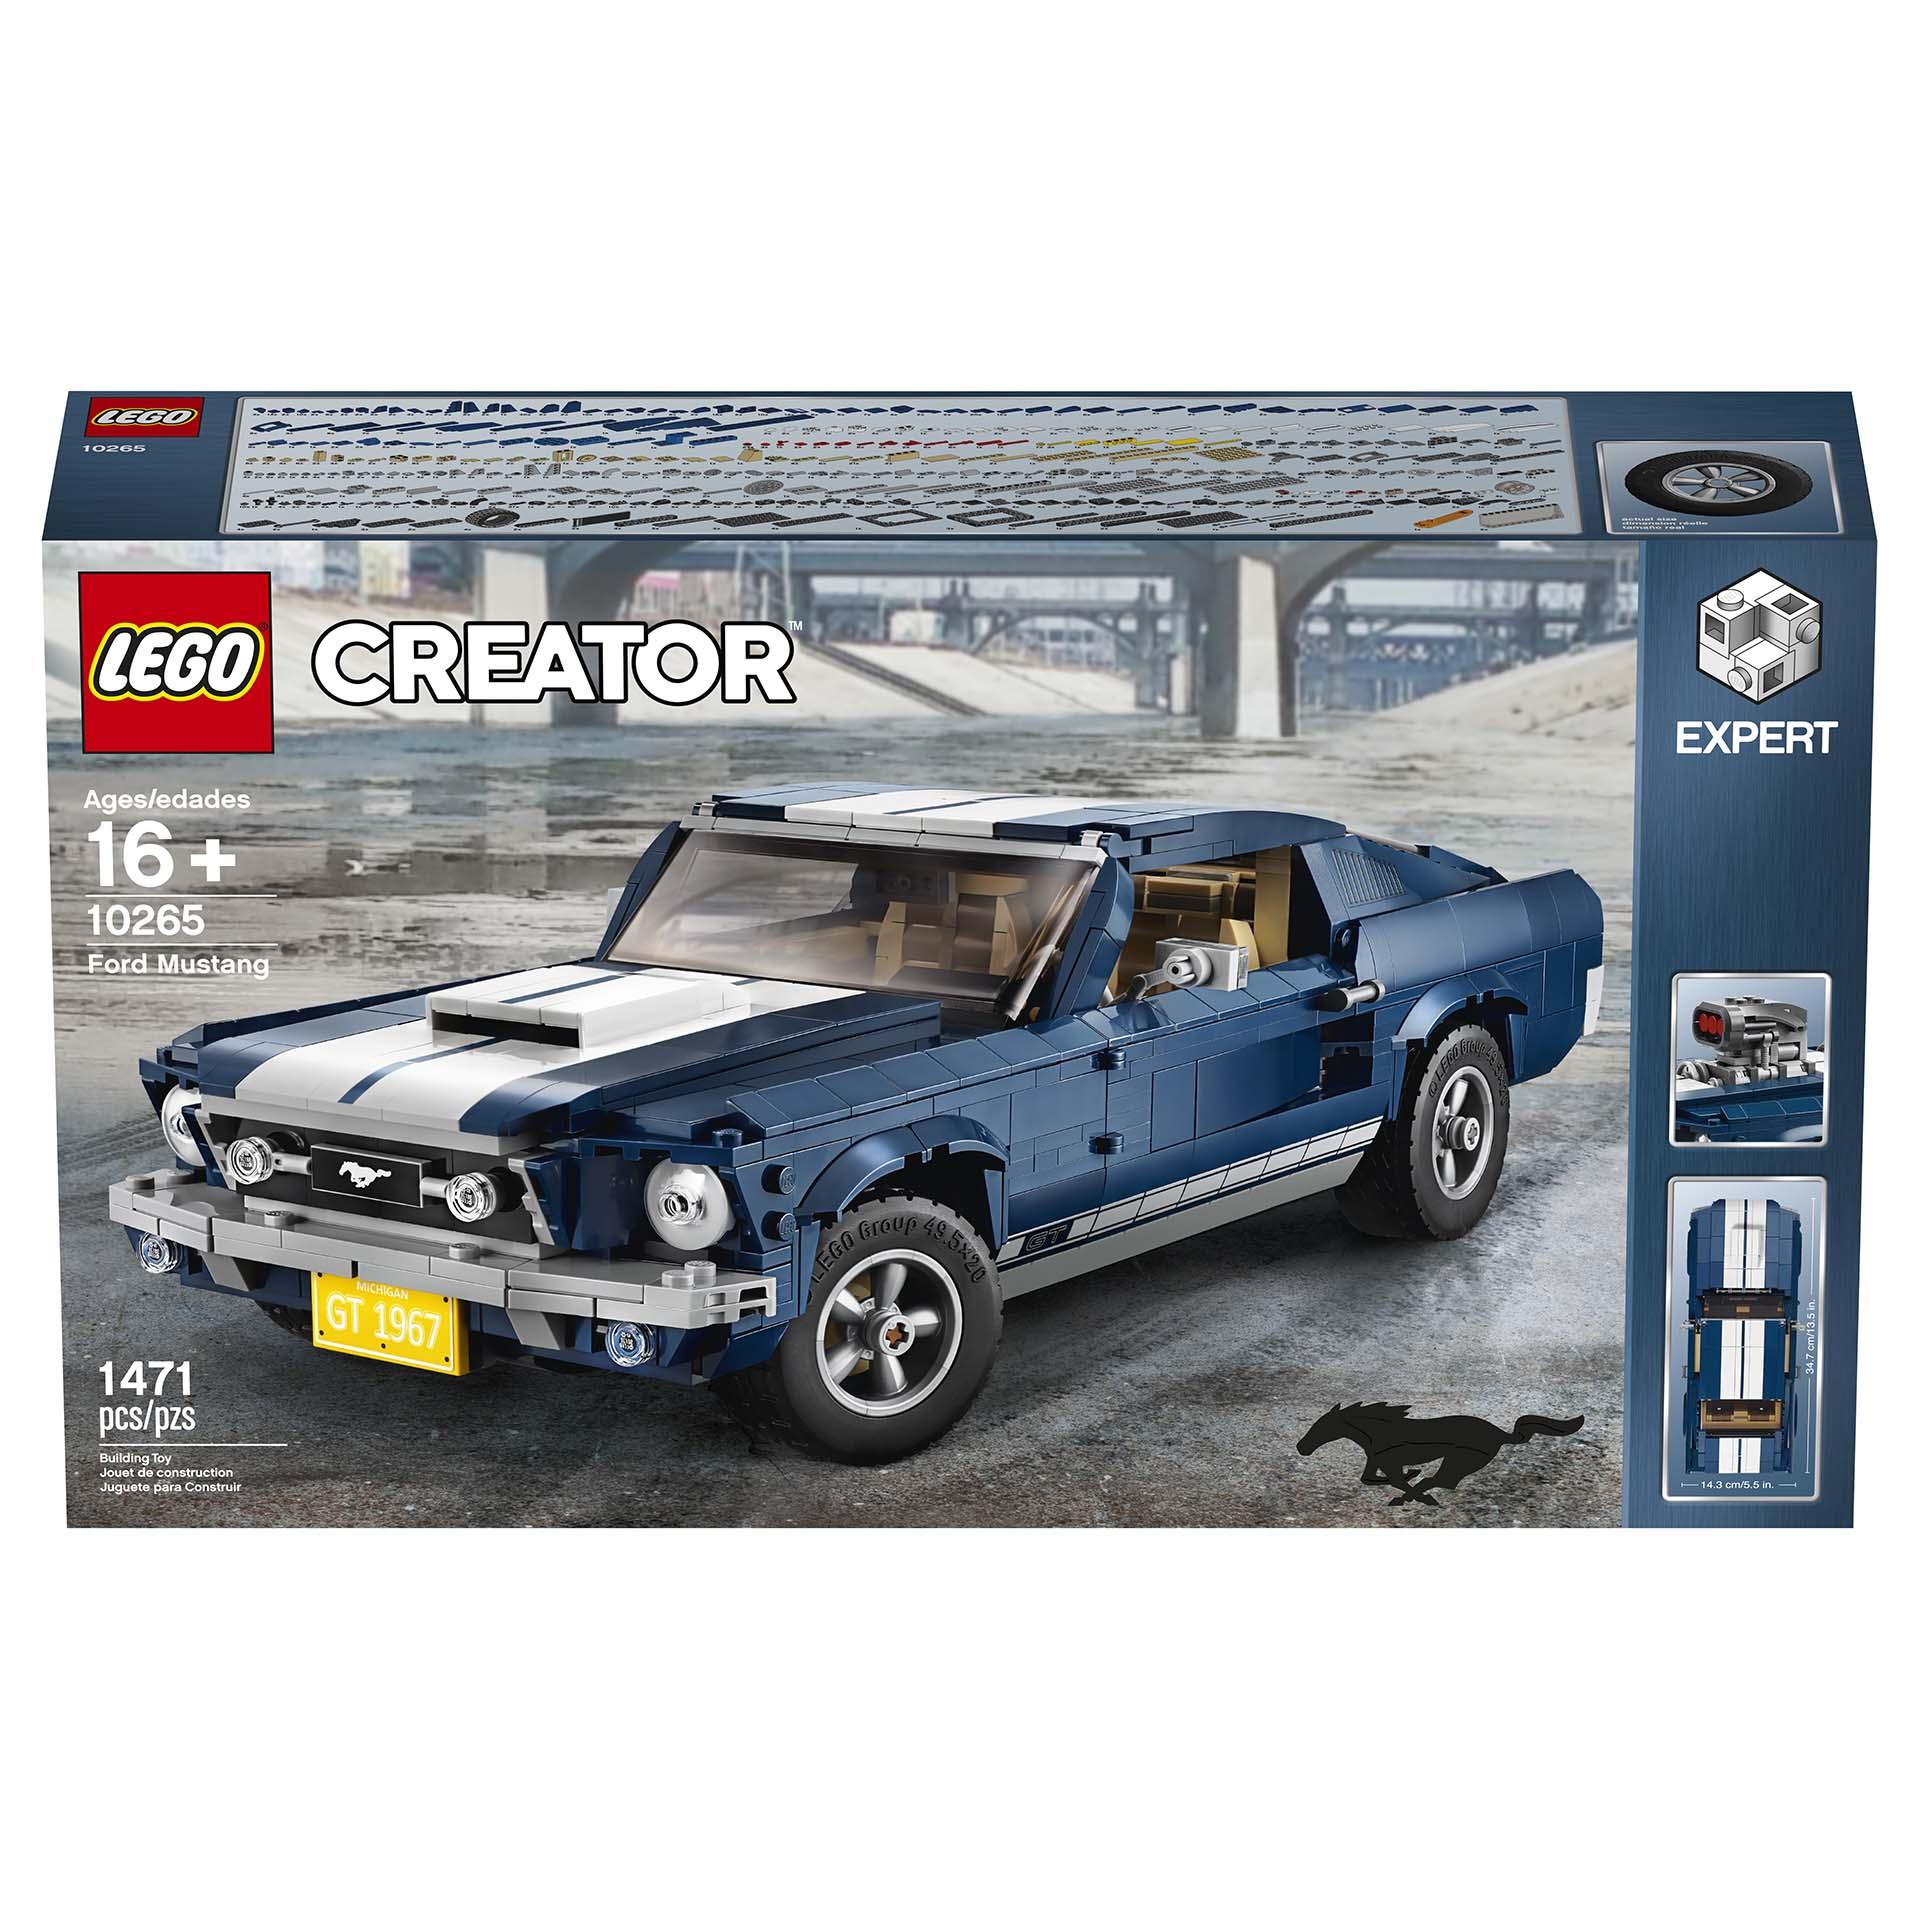 Ford és a LEGO